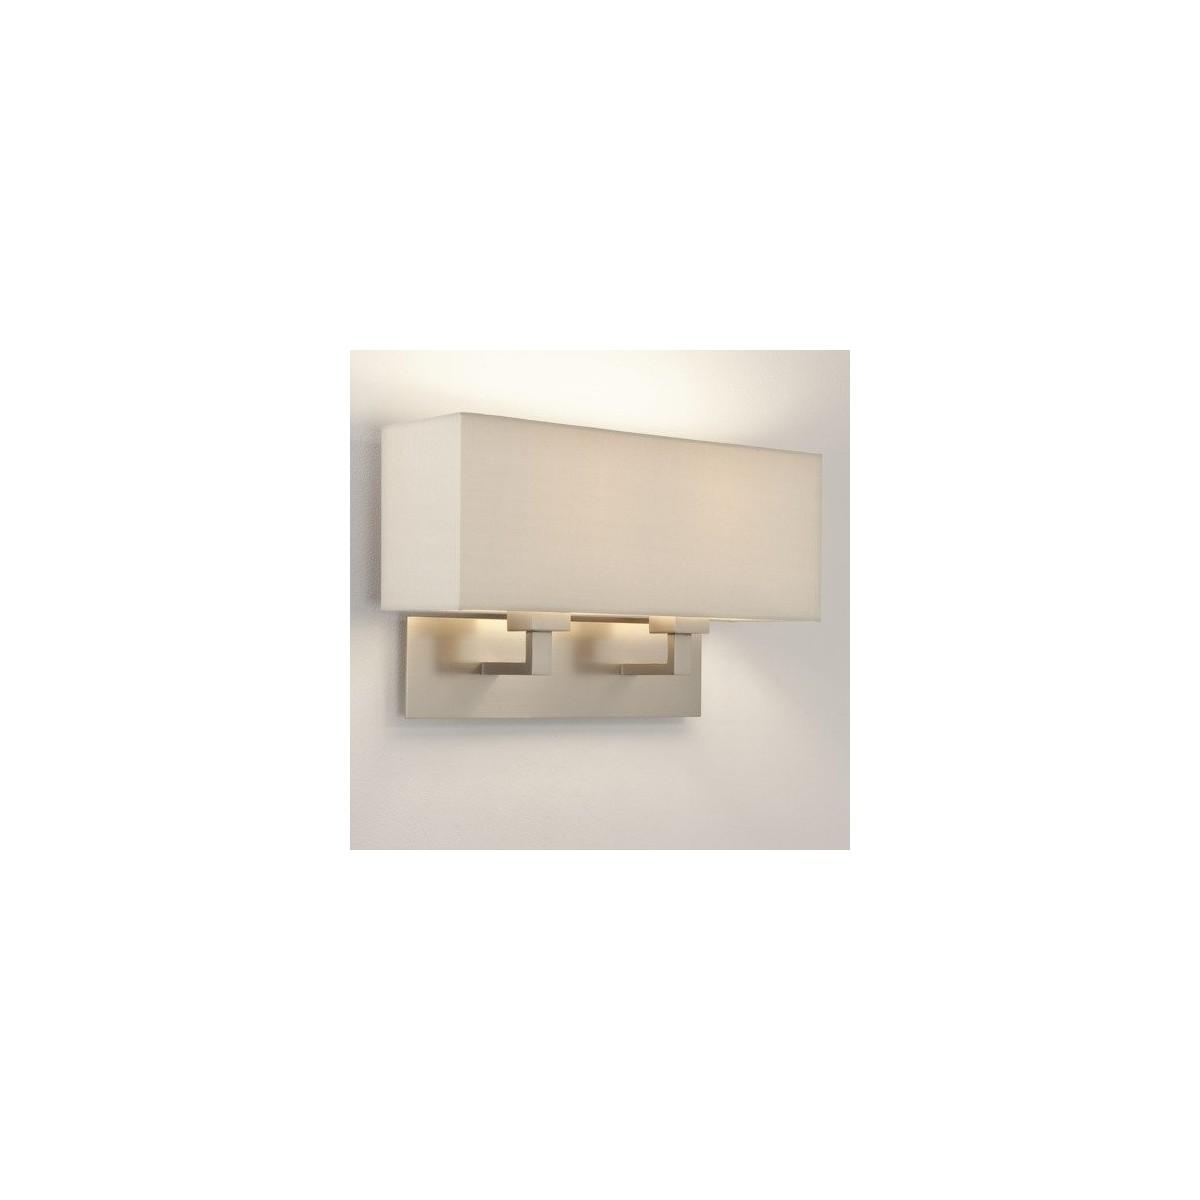 Astro Park Lane Twin Ścienna 2x60W Max E27 Matowy Nikiel 1080020